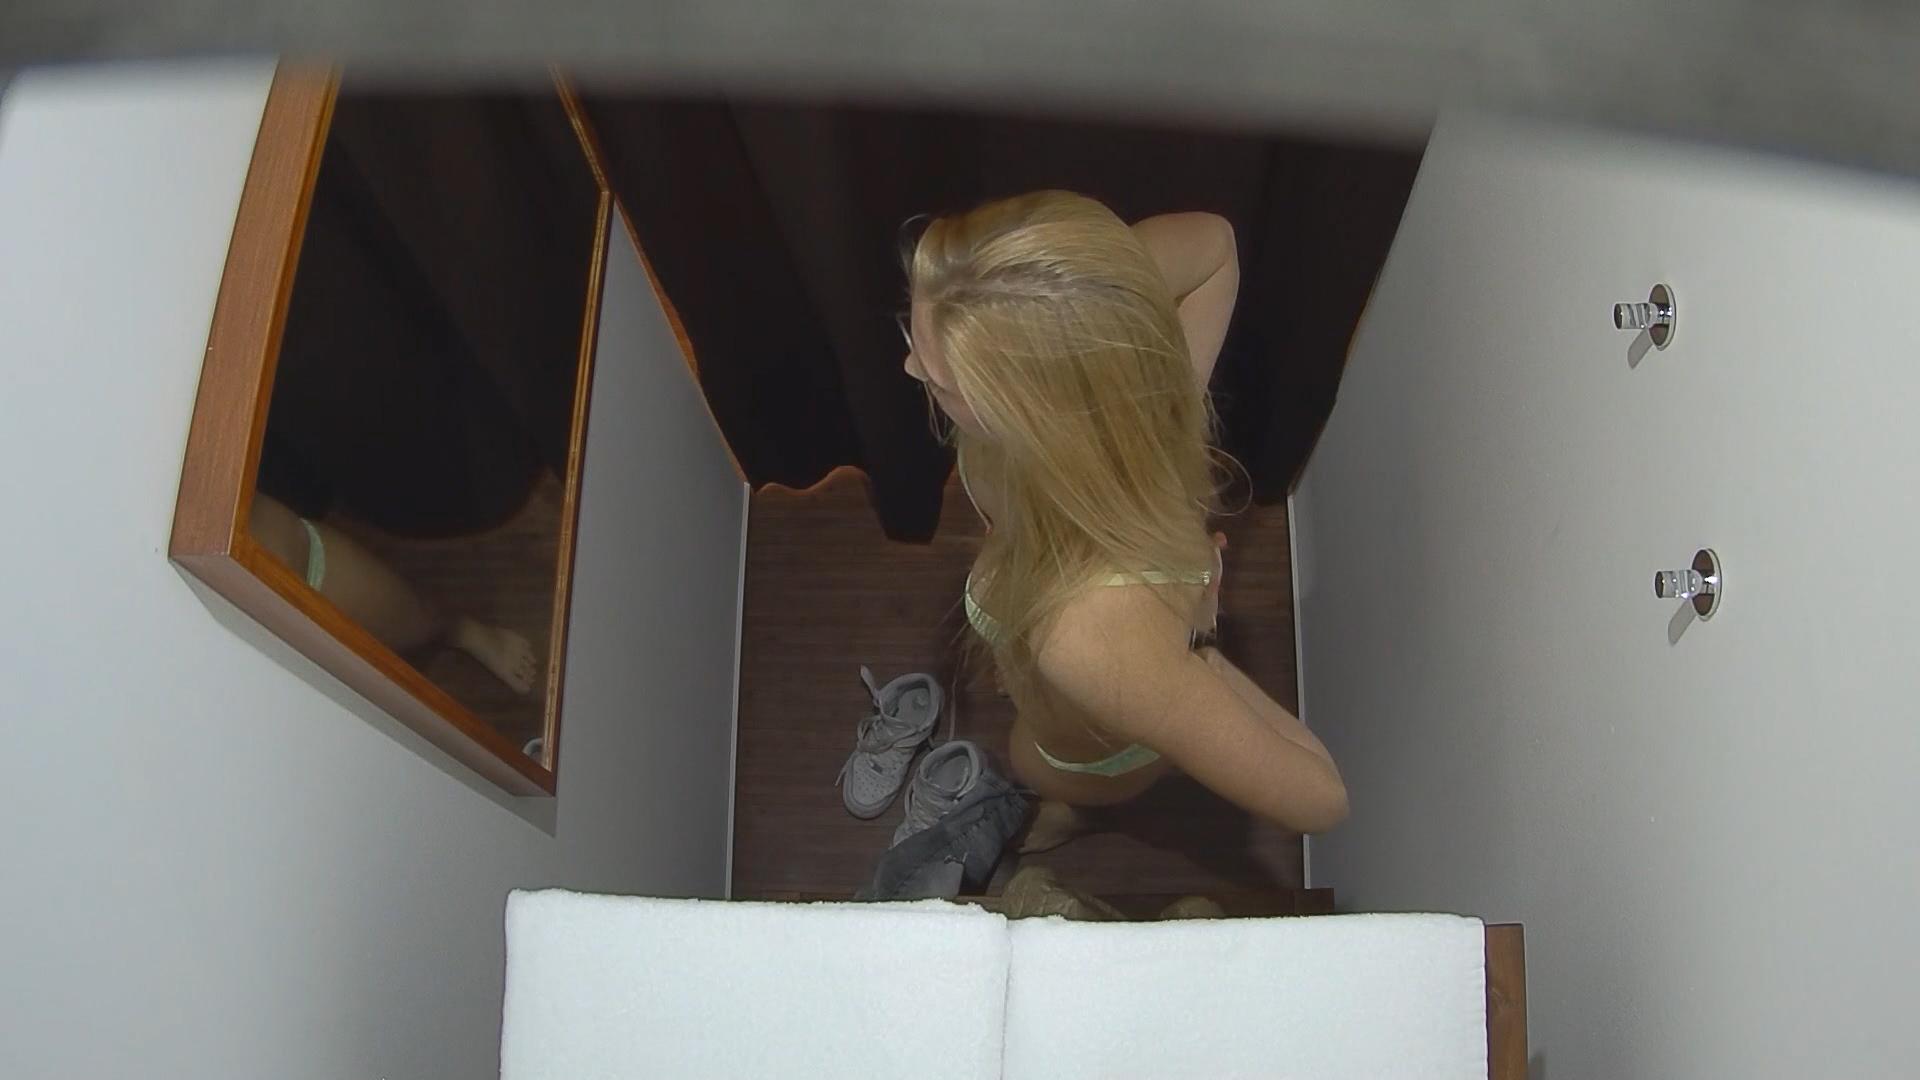 Сопротивлялась на массажном столе порно 17 фотография